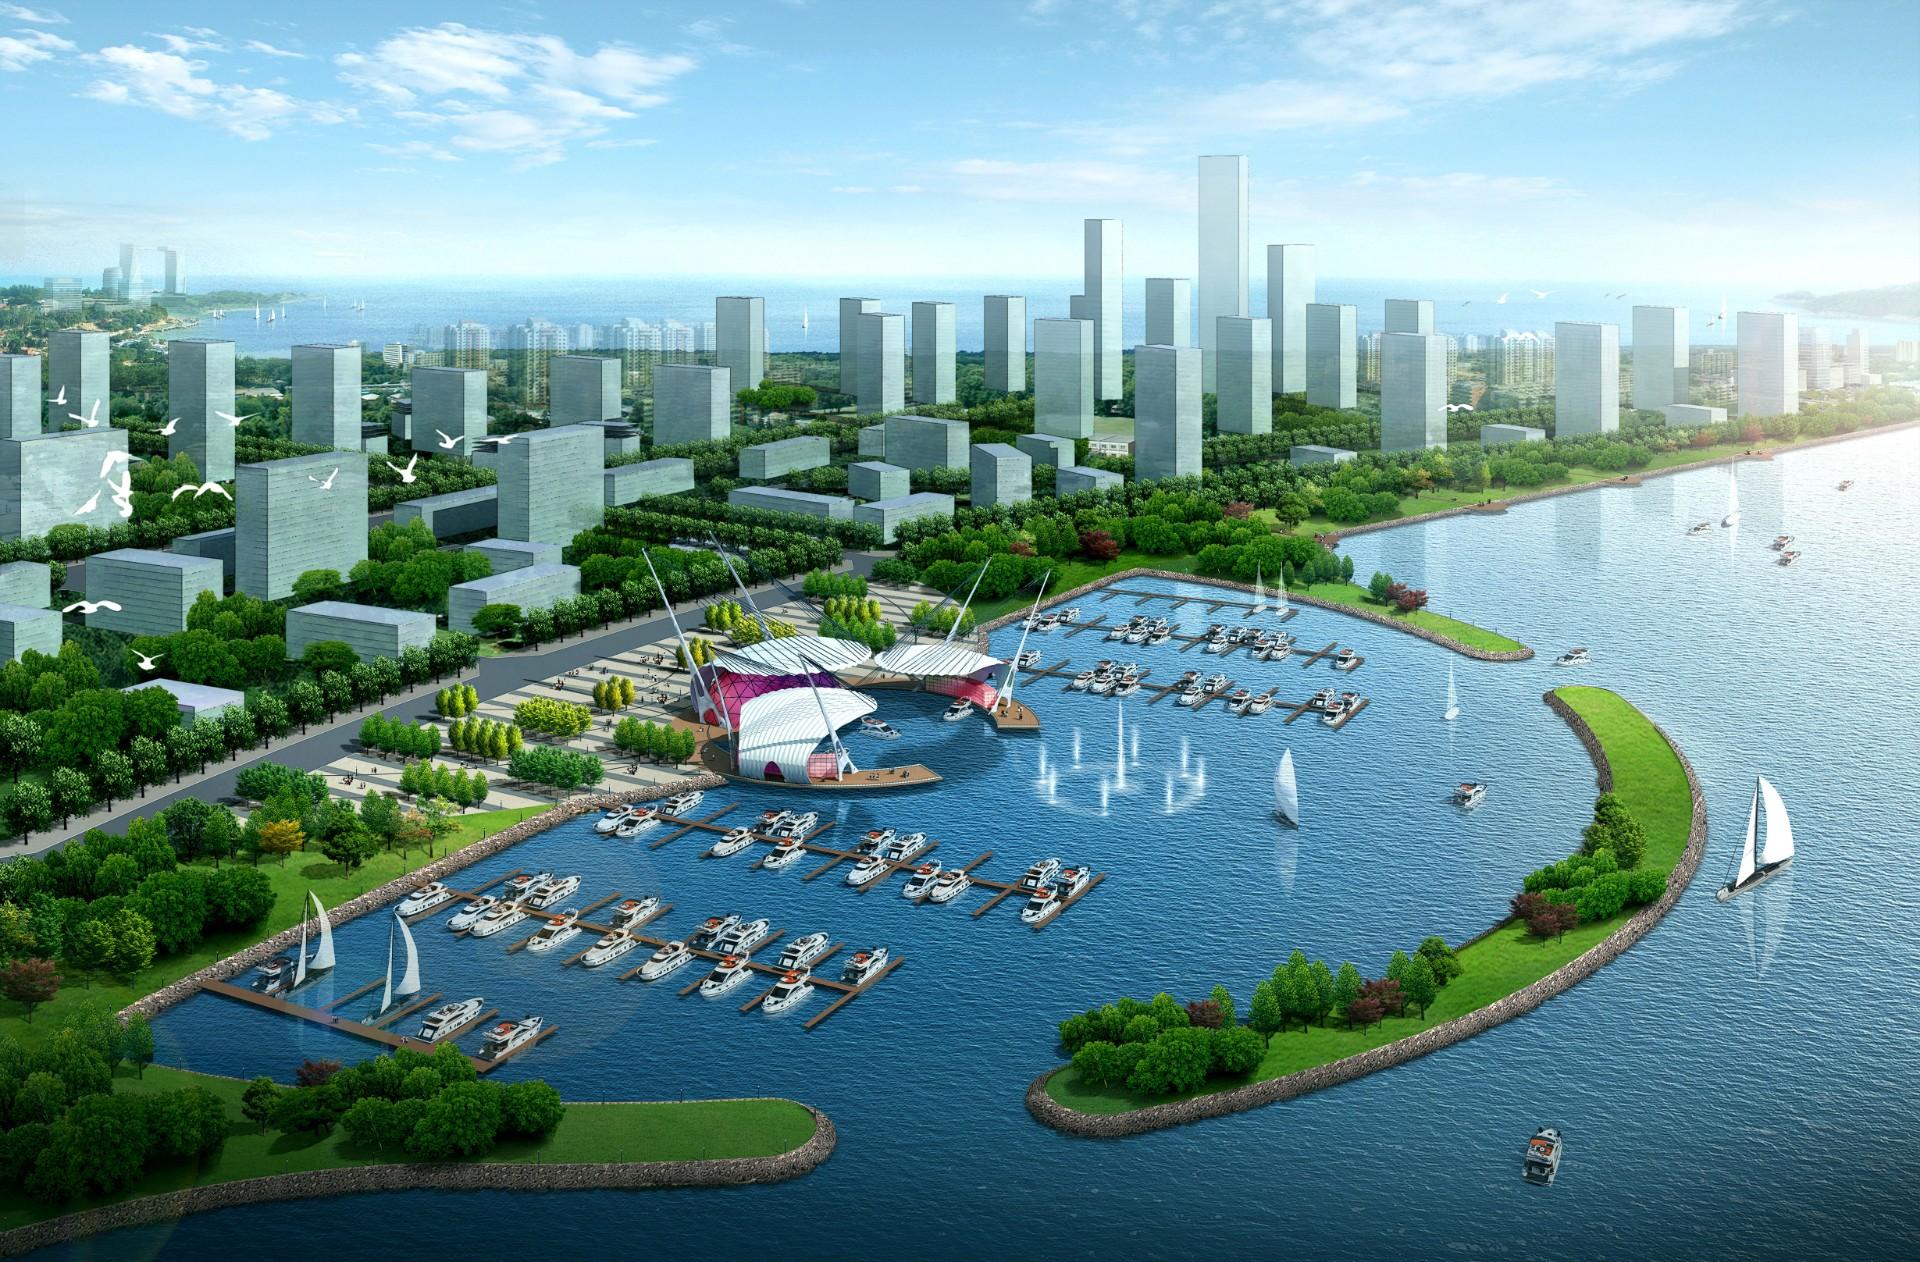 唐山湾国际旅游岛核心区岸线